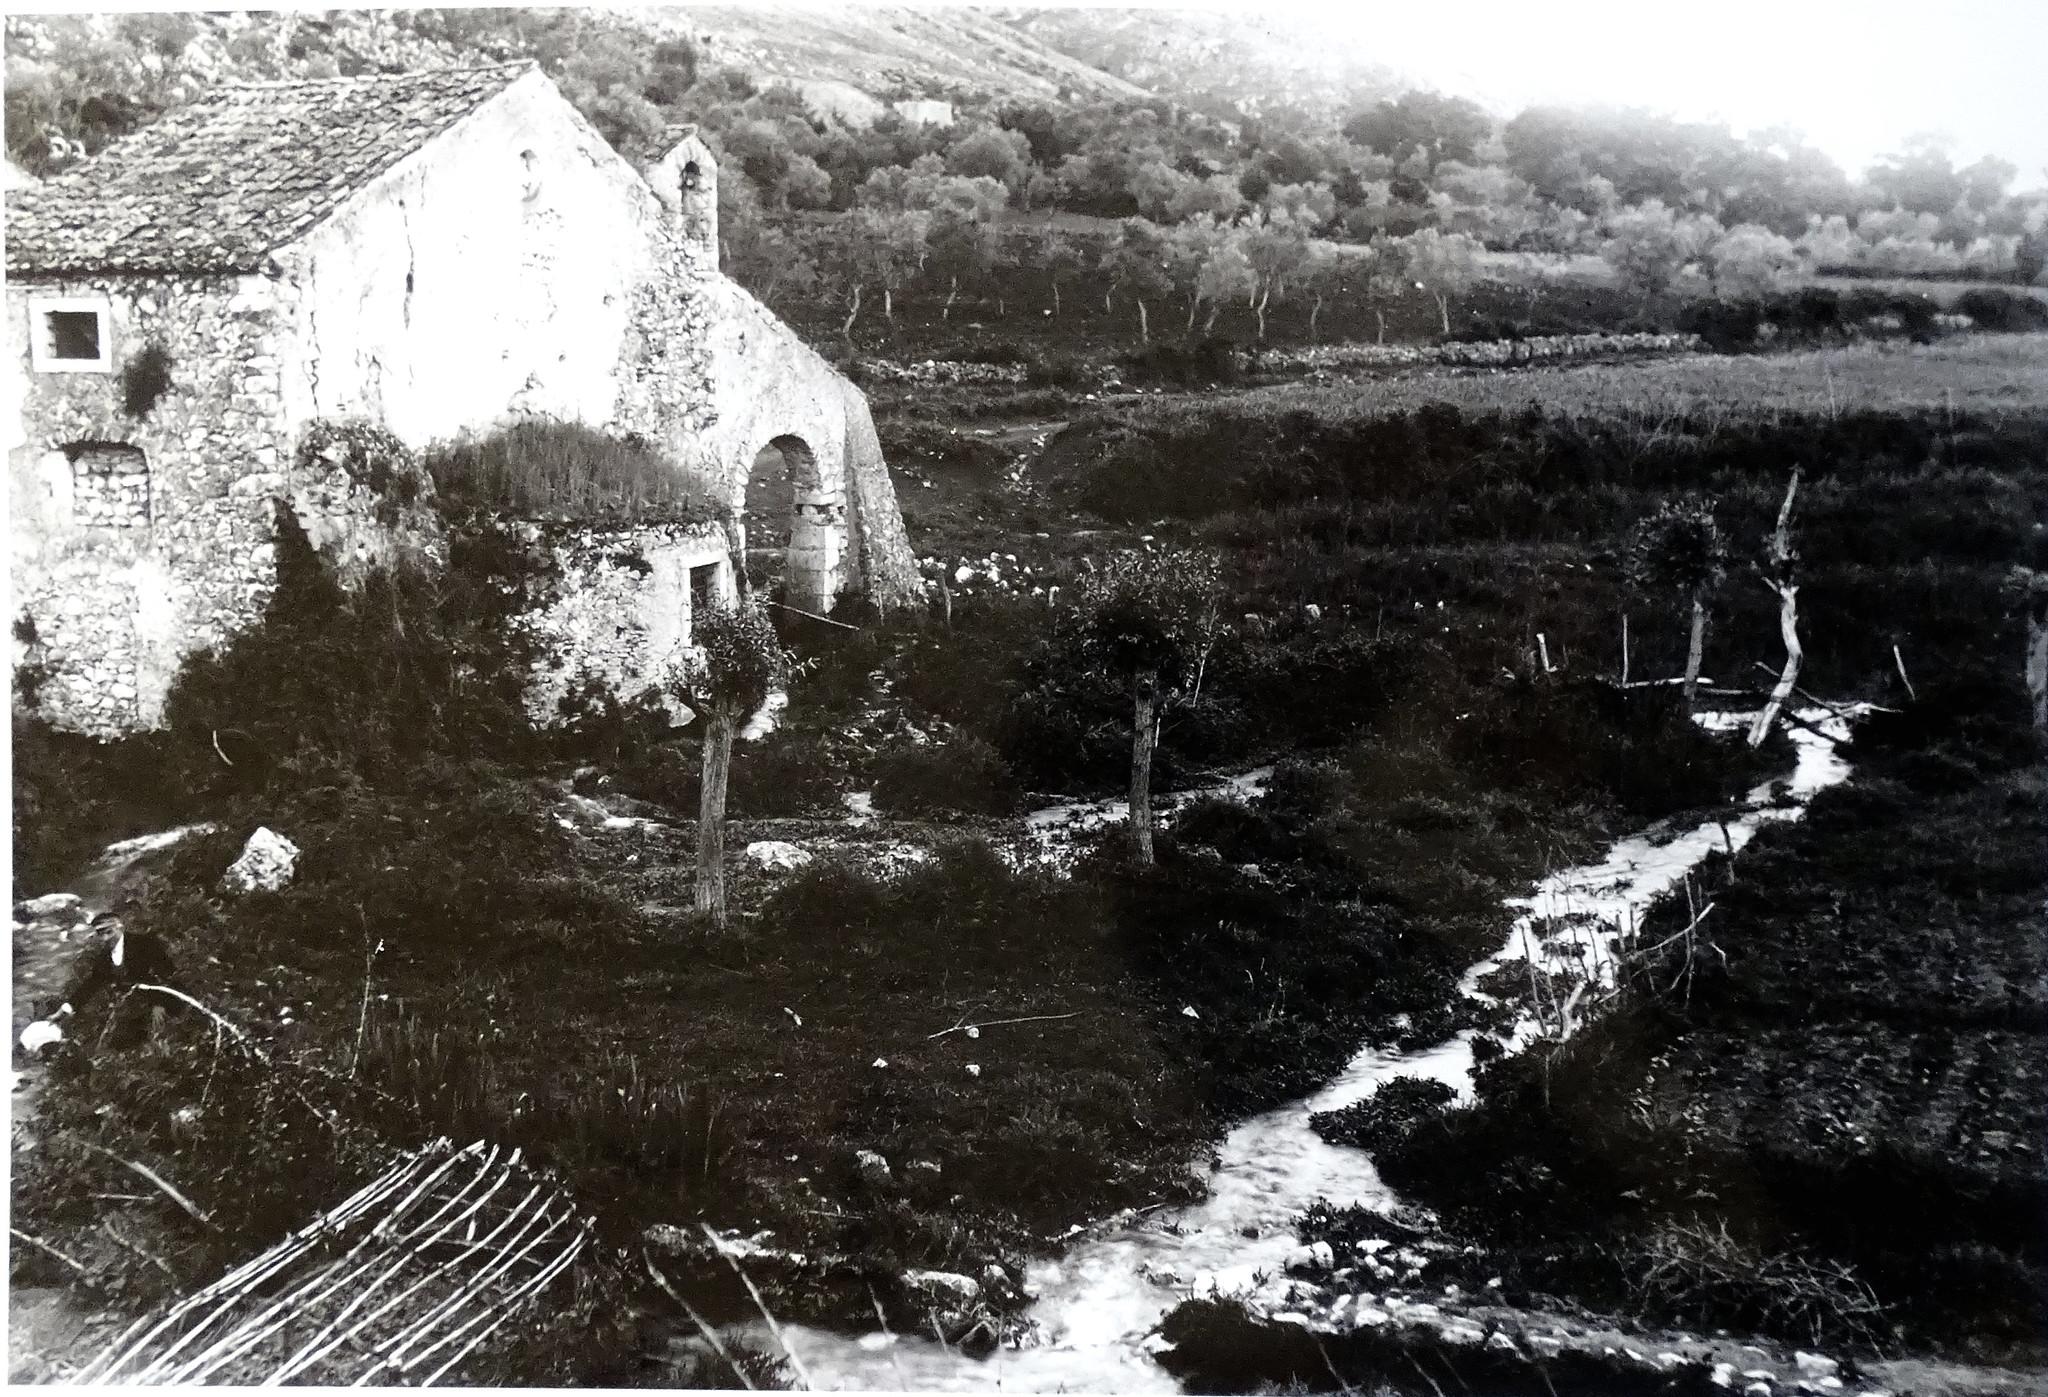 battistero-paleocristiano-periodo-1920-foto-concessa-dal-sign-michele-rosciano_39068153074_o